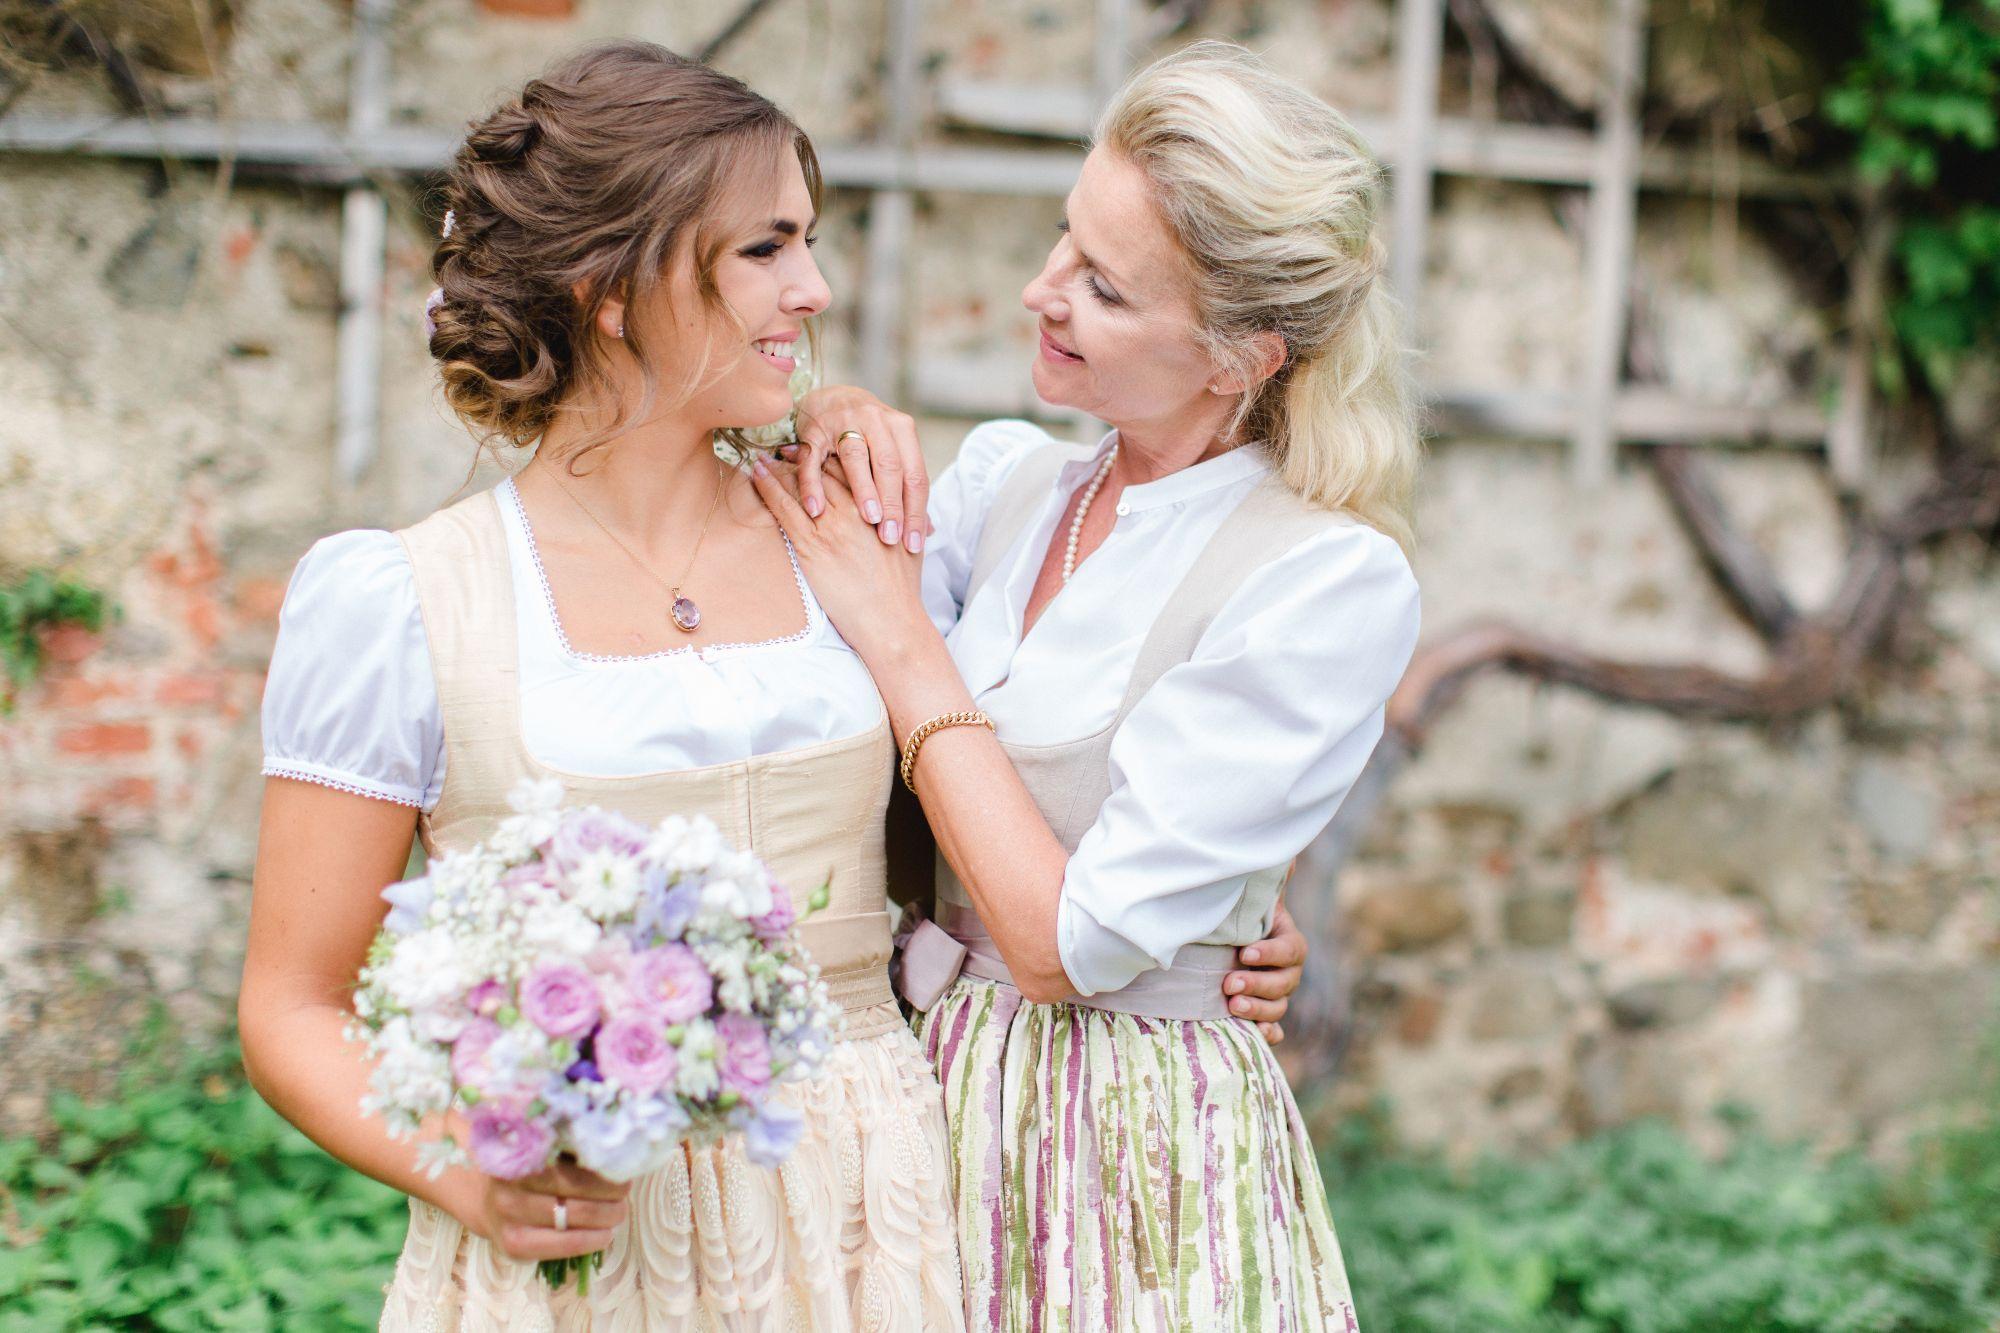 Zauberhafte Inspiration – Braut und Brautmutter am Hochzeitstag